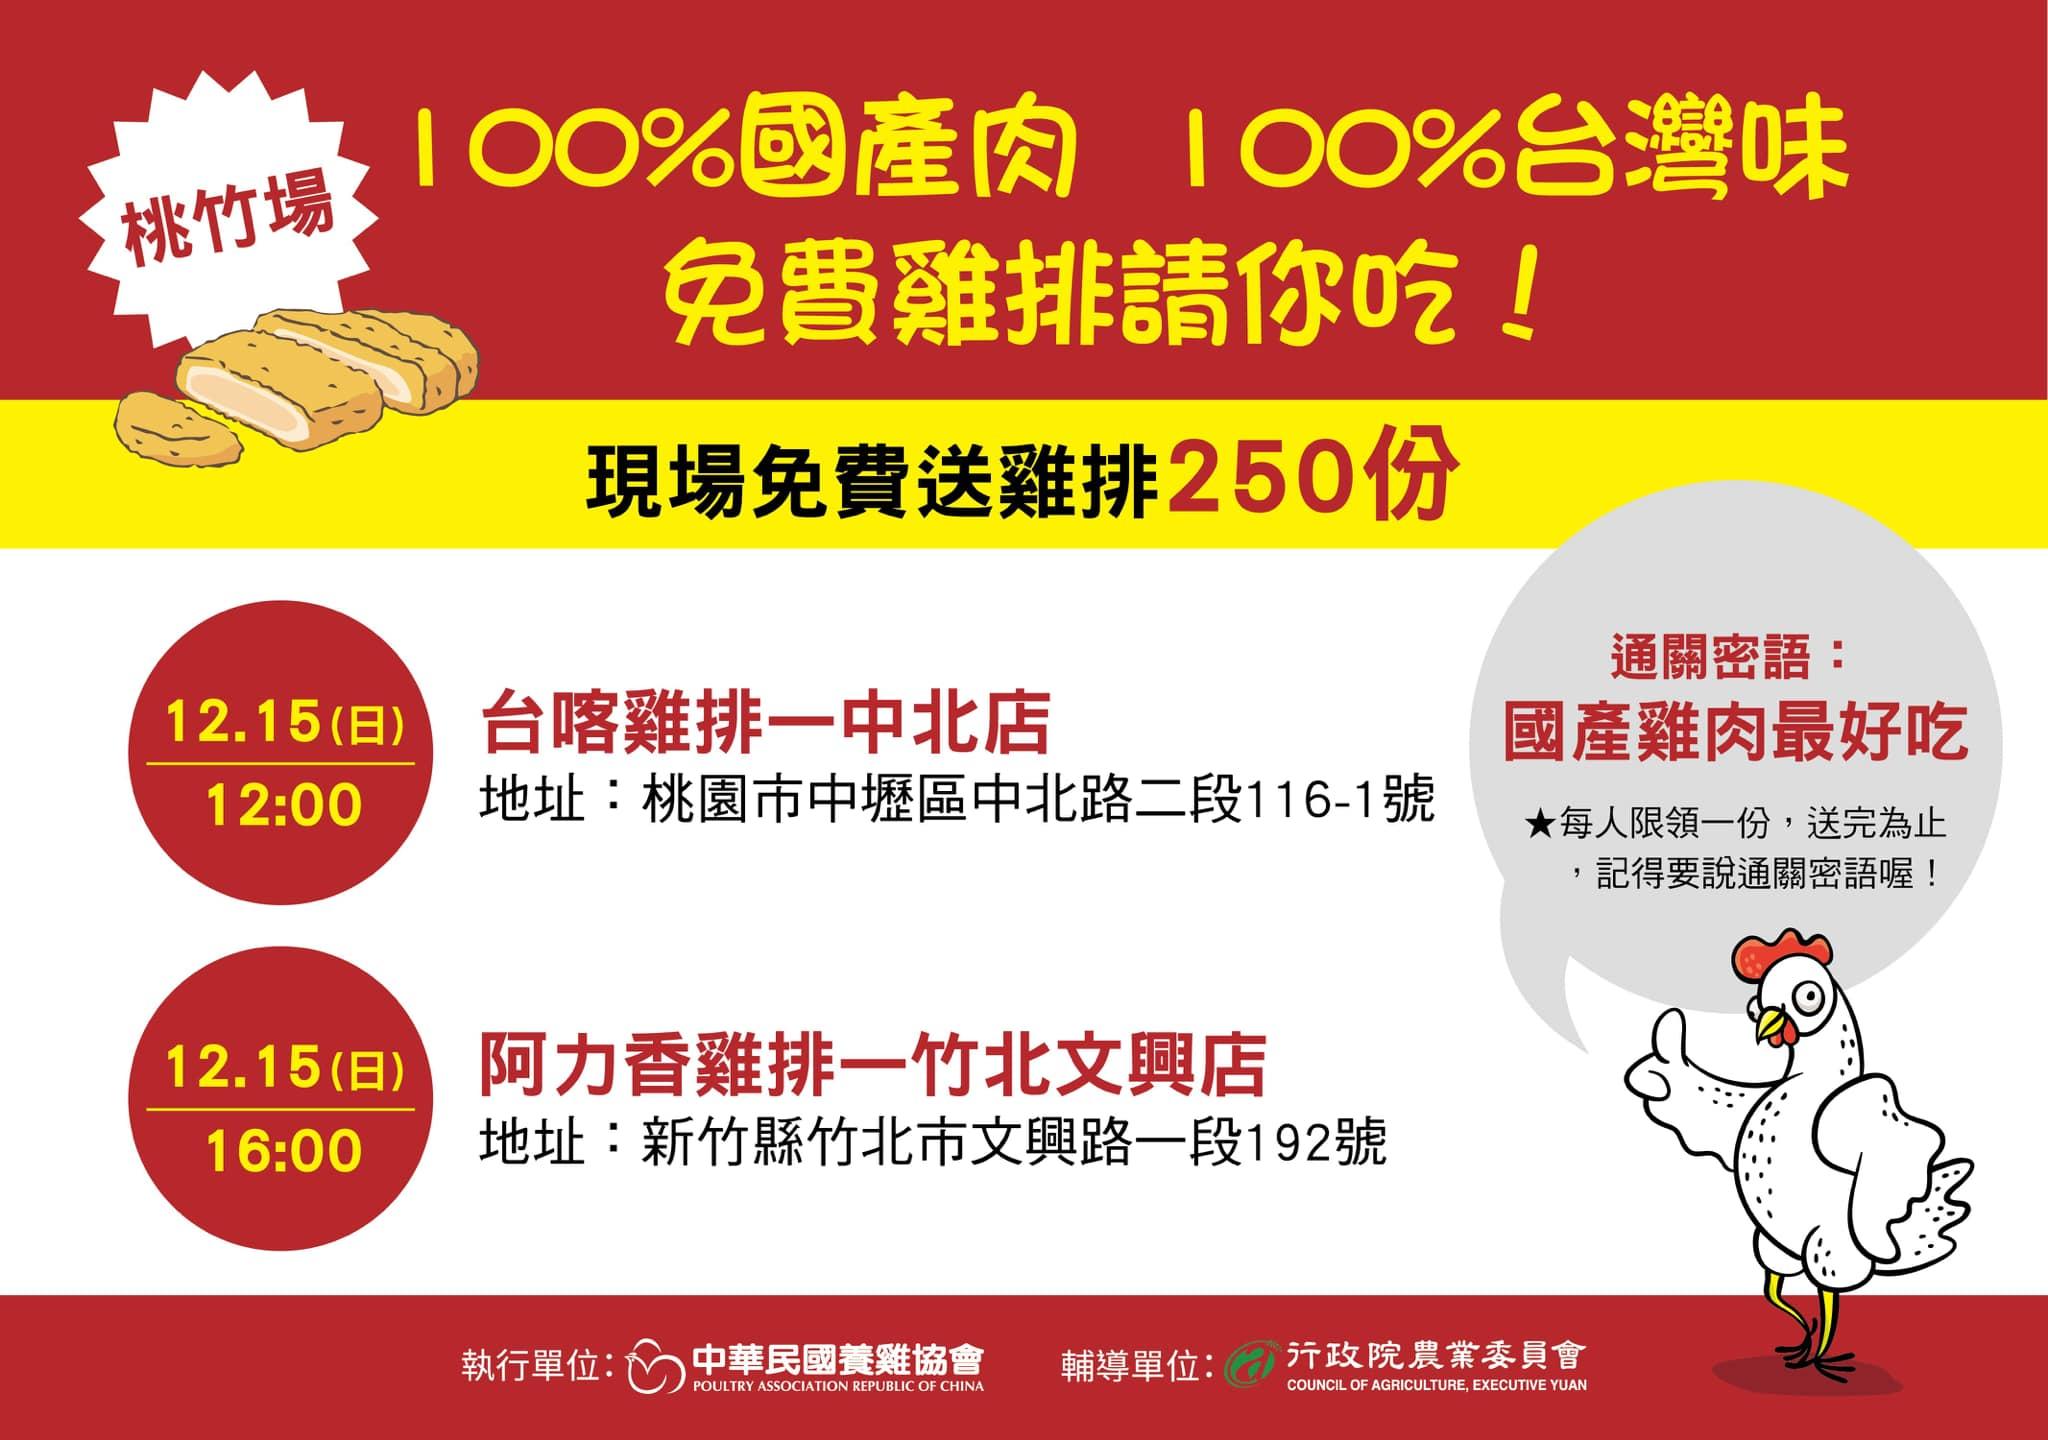 雞排免費送!推廣國產雞免費請大家吃現炸雞排250份!阿力香雞排三家分店加碼共送500份